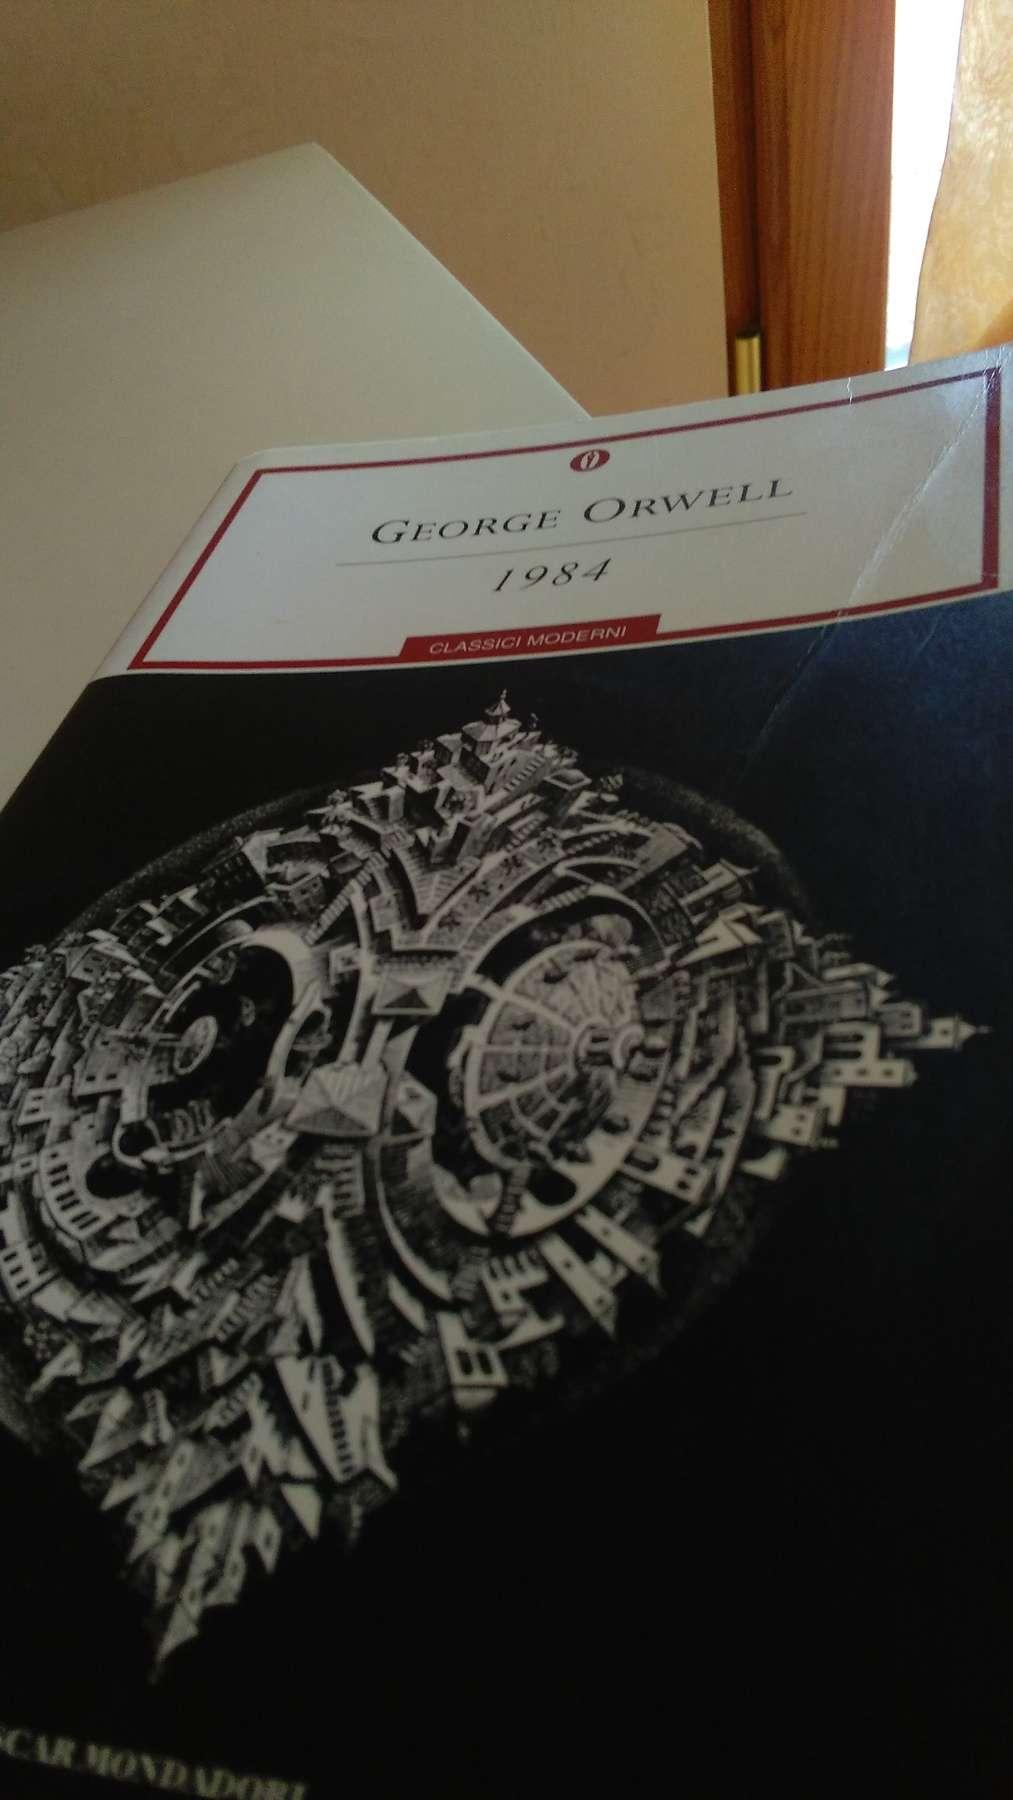 1984 – George Orwell e il Grande Fratello